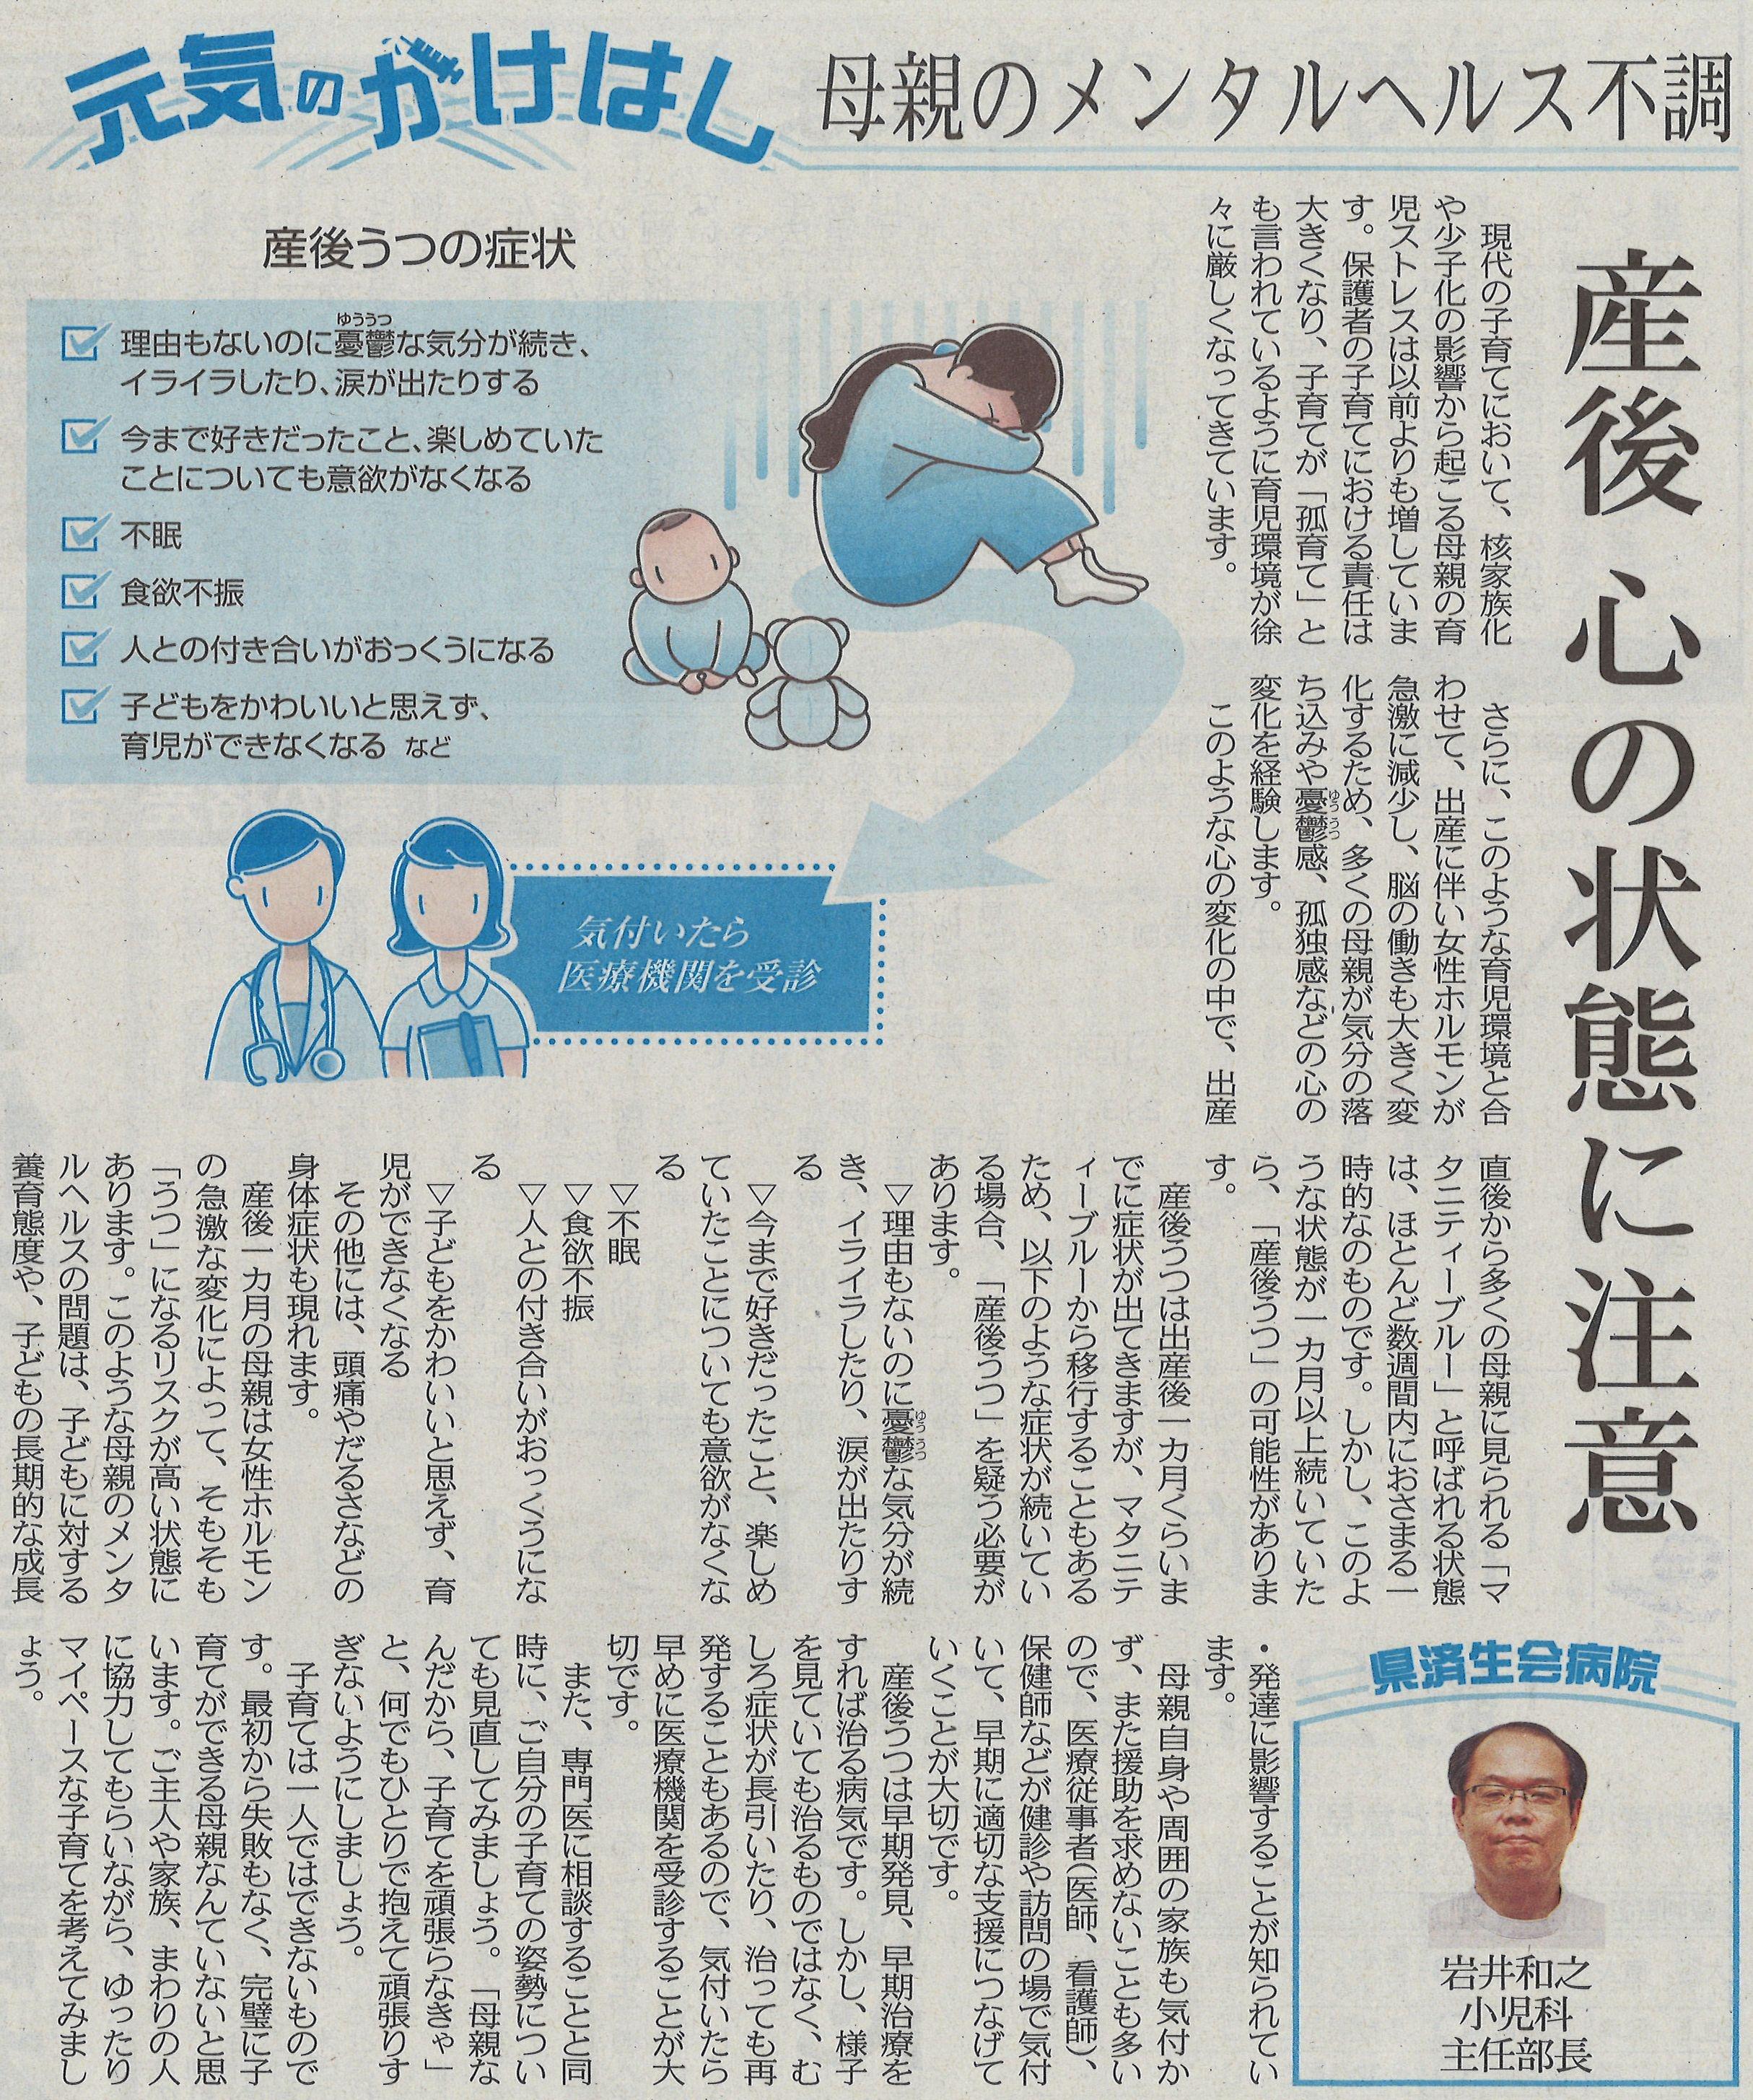 2018年12月20日 日刊県民福井